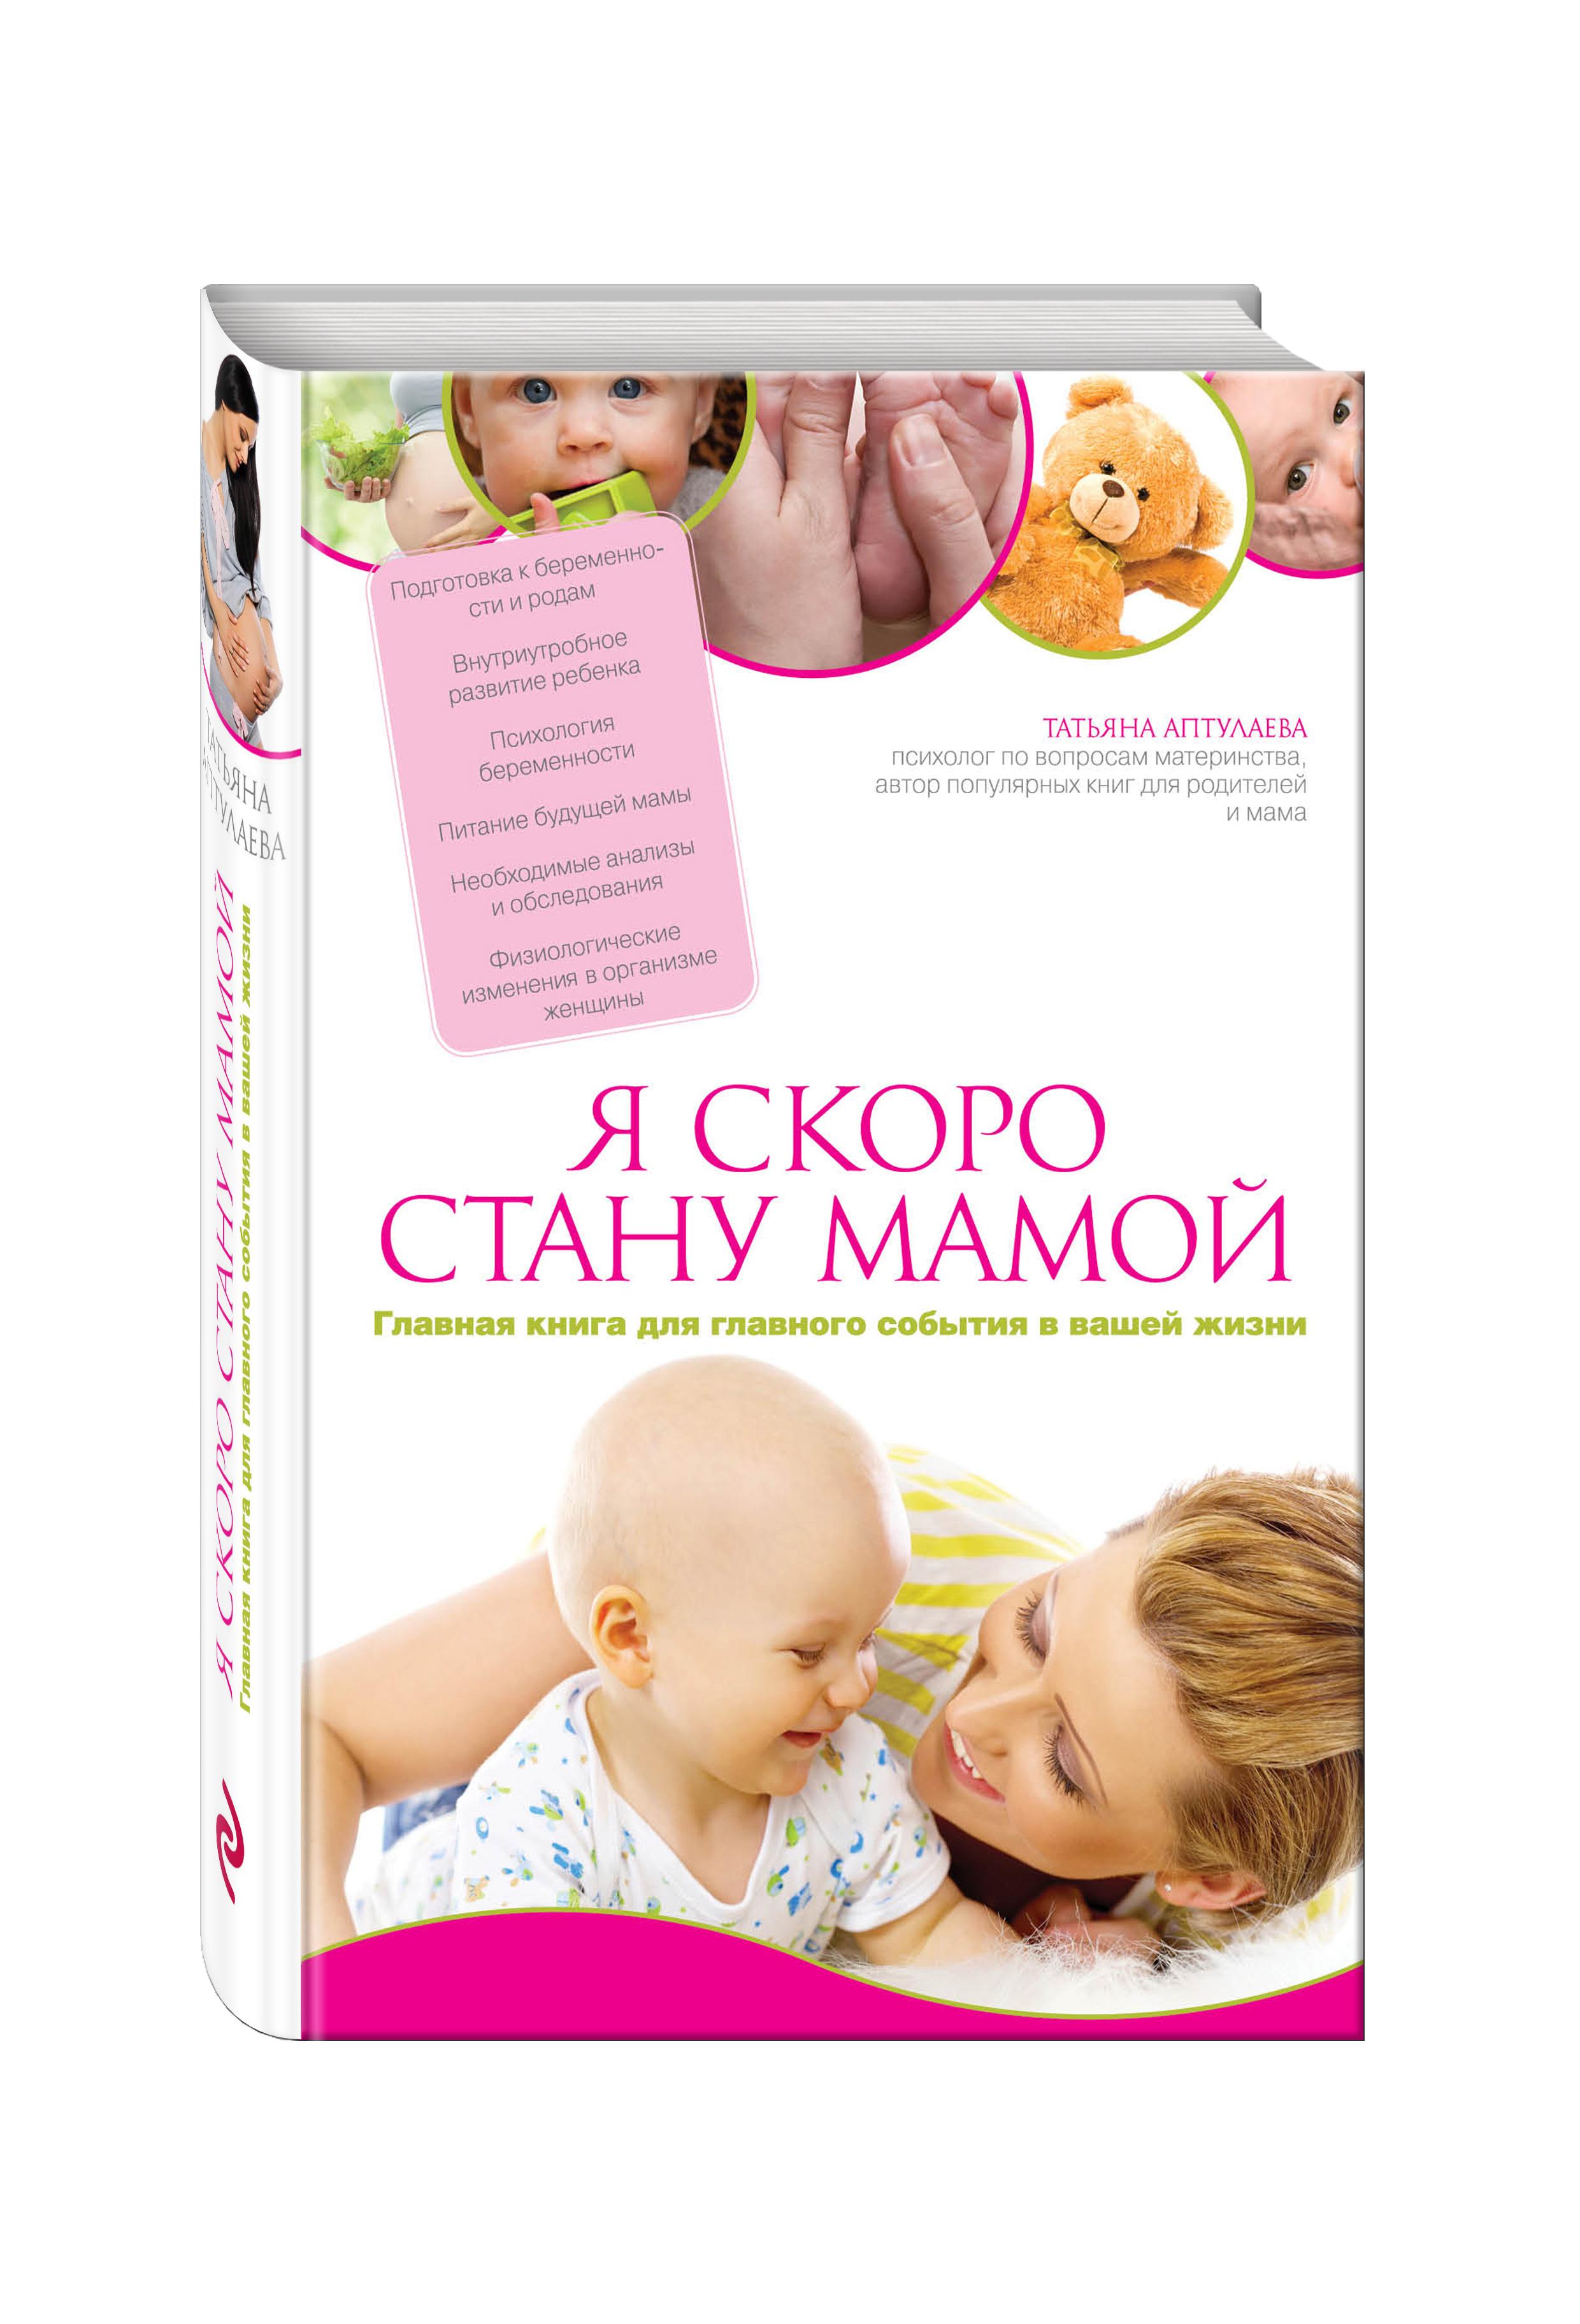 Аптулаева Т.Г. Я скоро стану мамой. Главная книга для главного события в вашей жизни